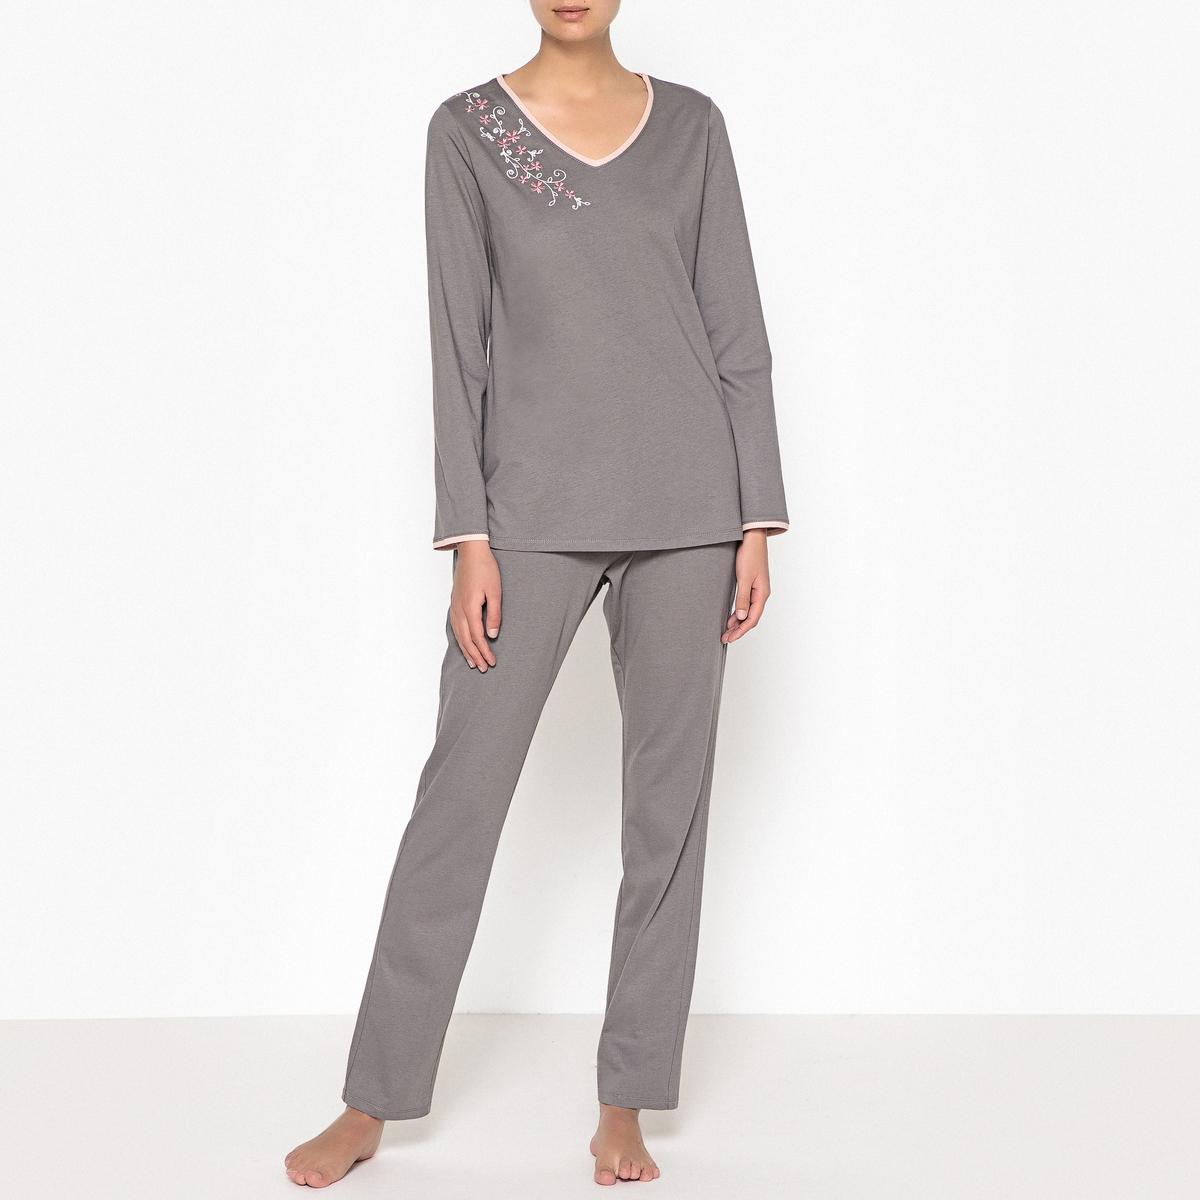 Pijama em puro algodão, detalhe bordado